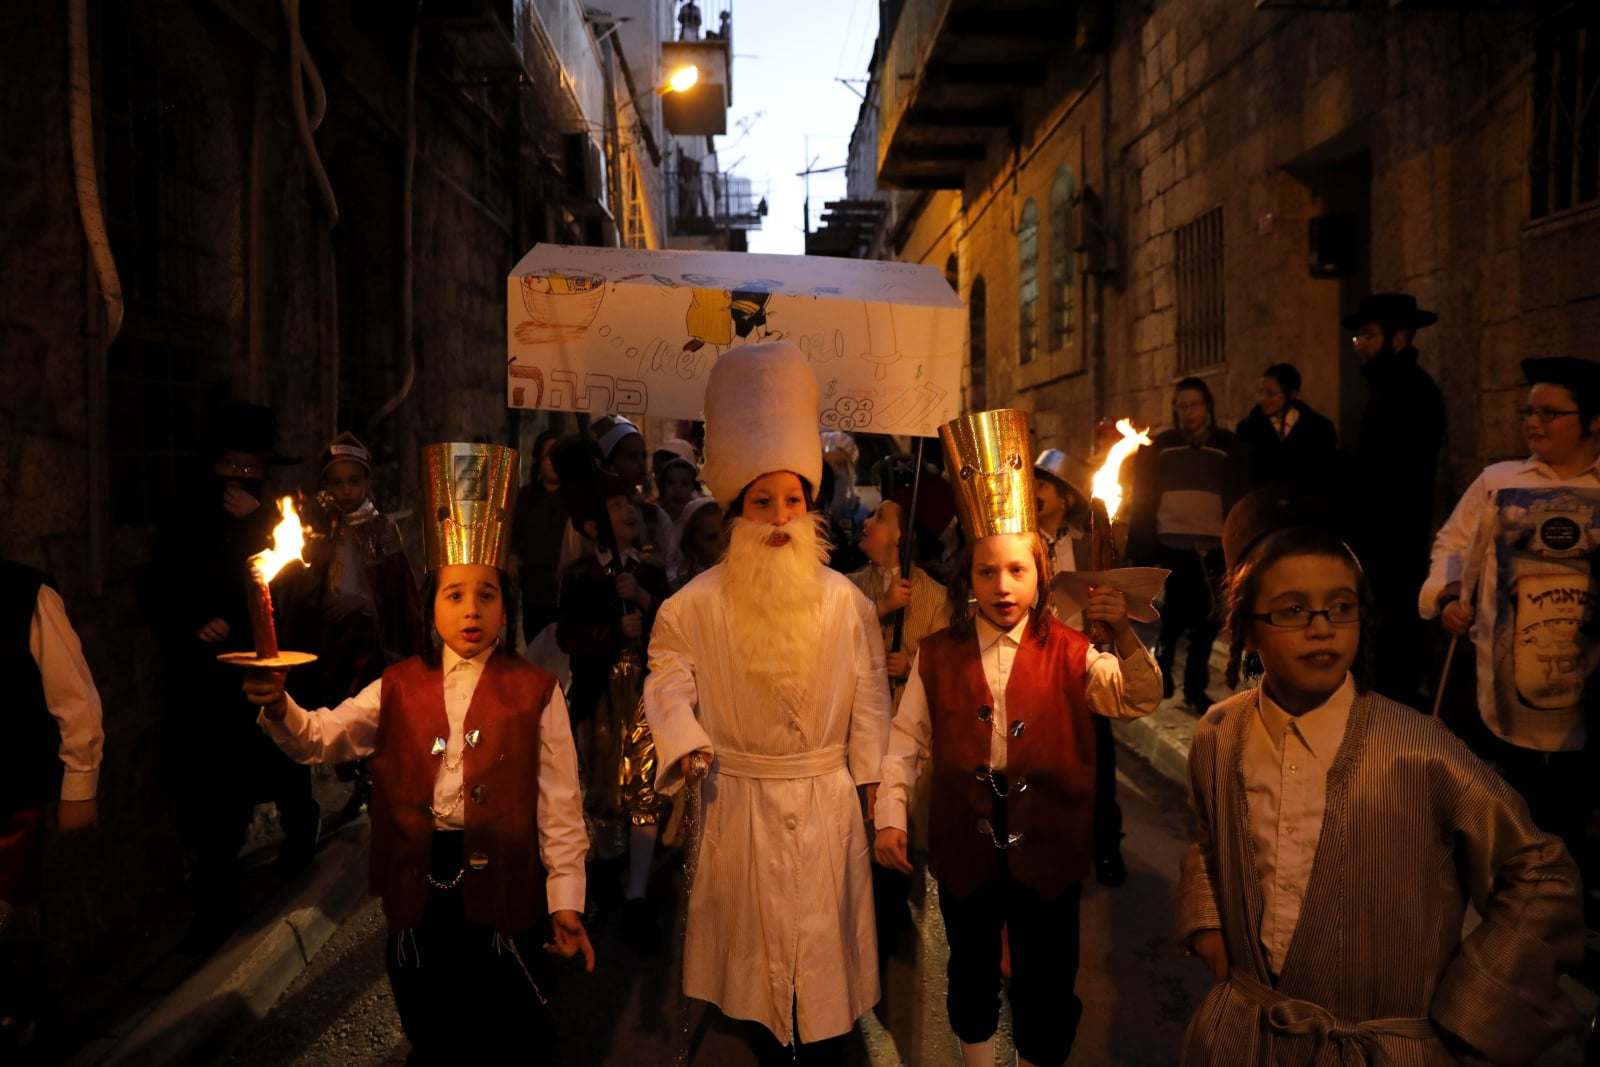 Żydowskie dzieci ubrane w tradycyjne kostiumy Purim w dzielnicy Mea Shaarim w Jerozolimie, Izrael, fot. EPA/ABIR SULTAN